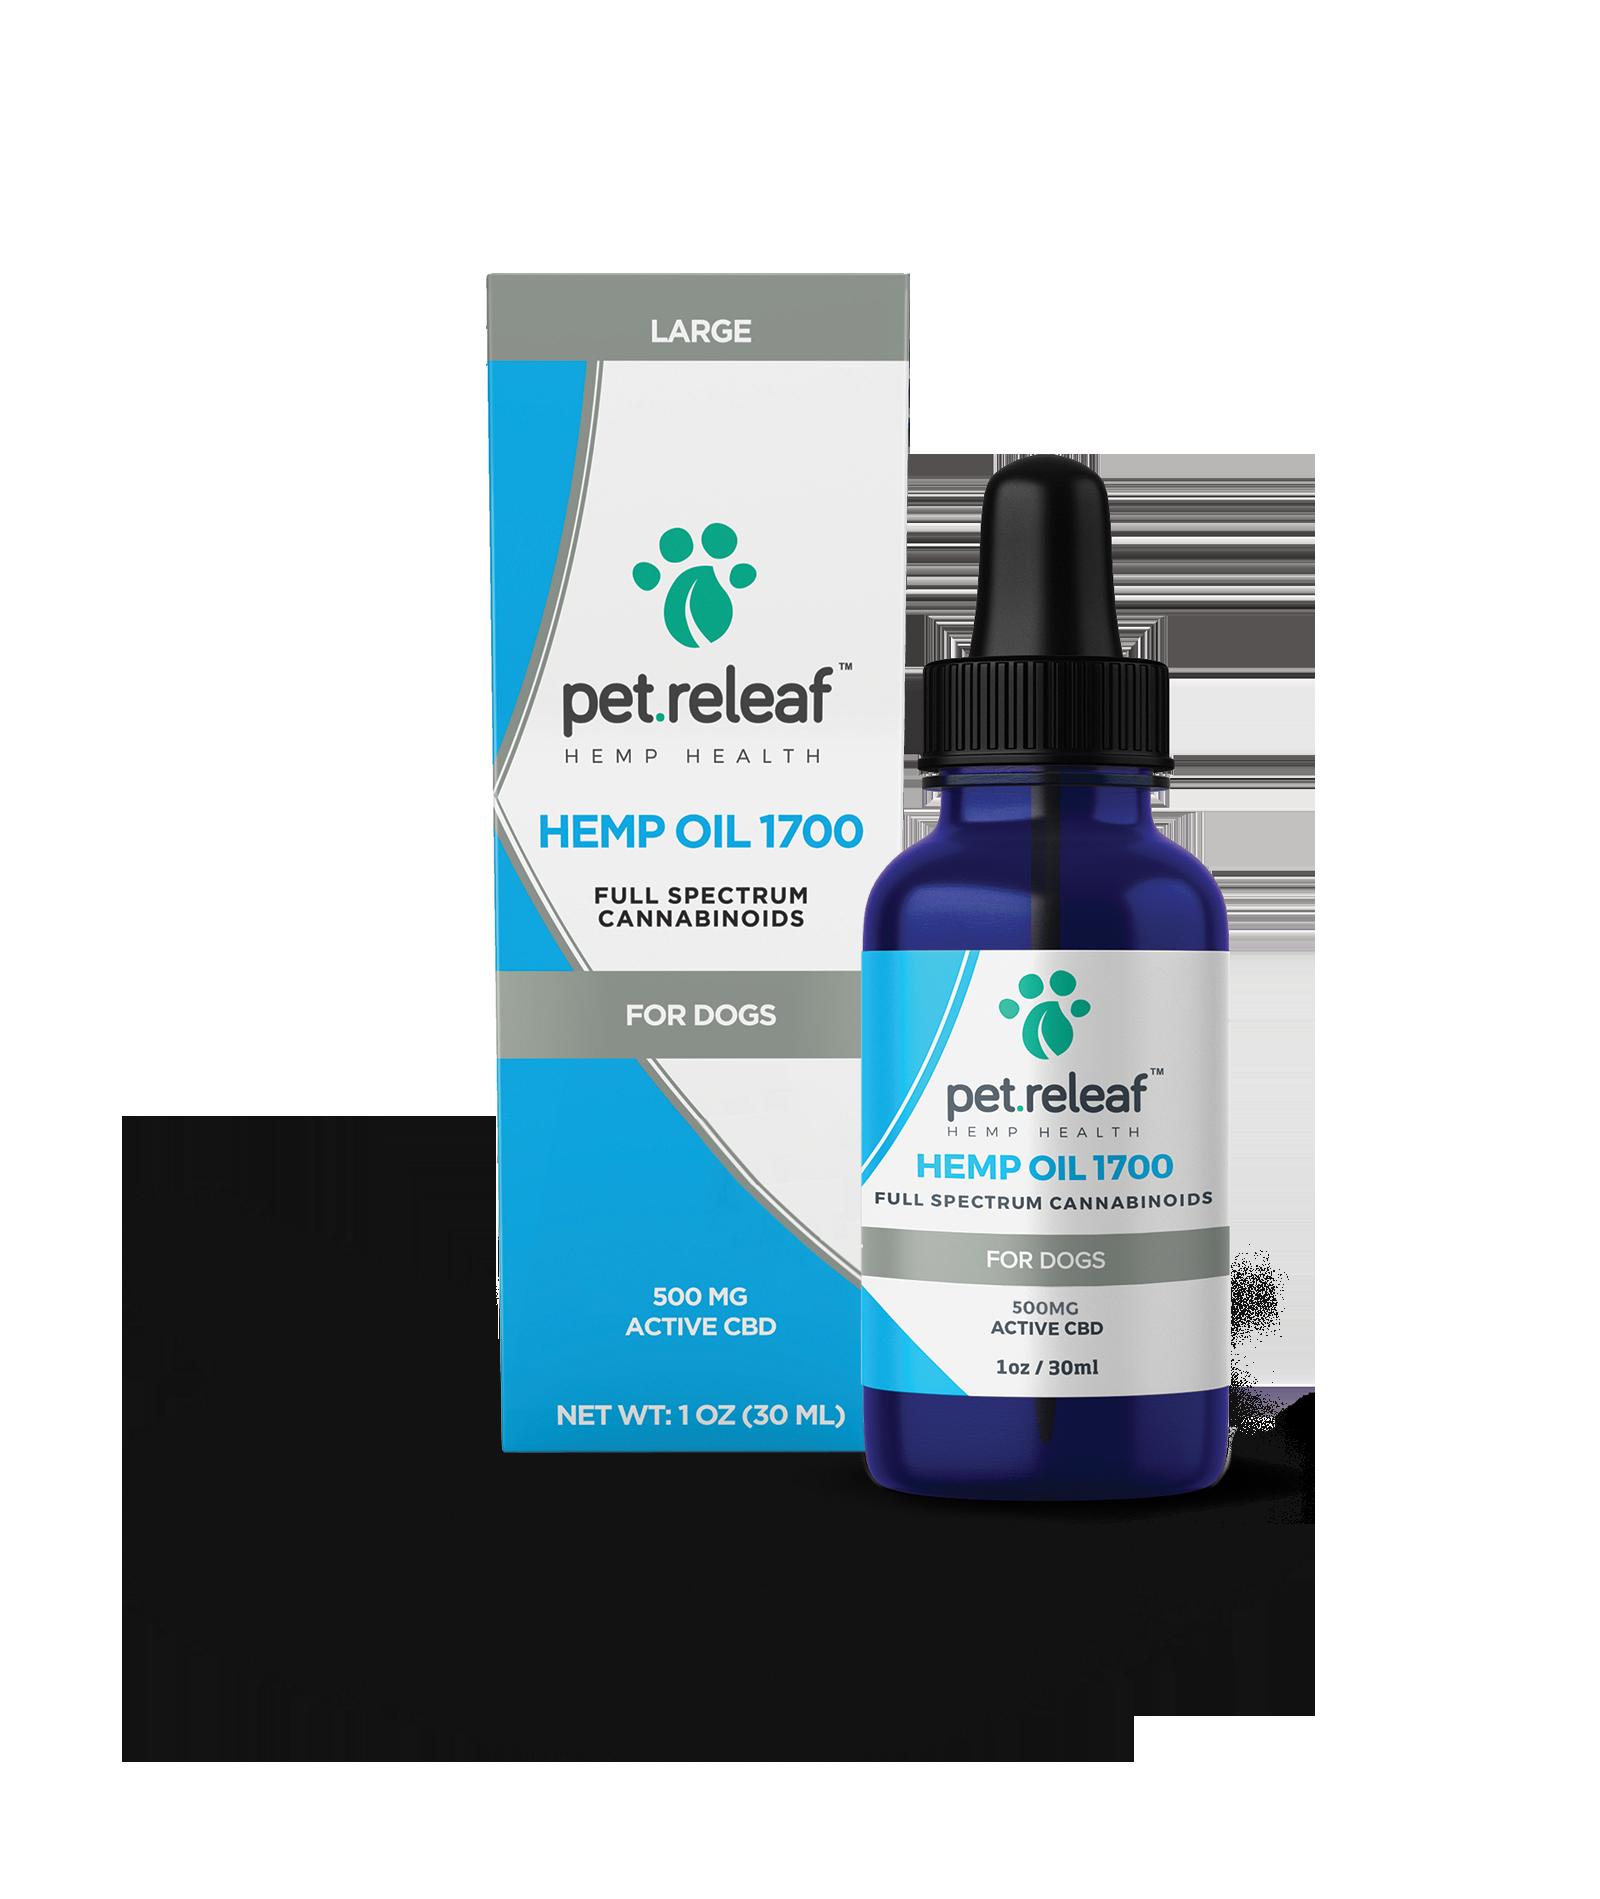 Pet Releaf Pet Releaf Hemp Oil 1700/CBD 500mg 1oz Product Image